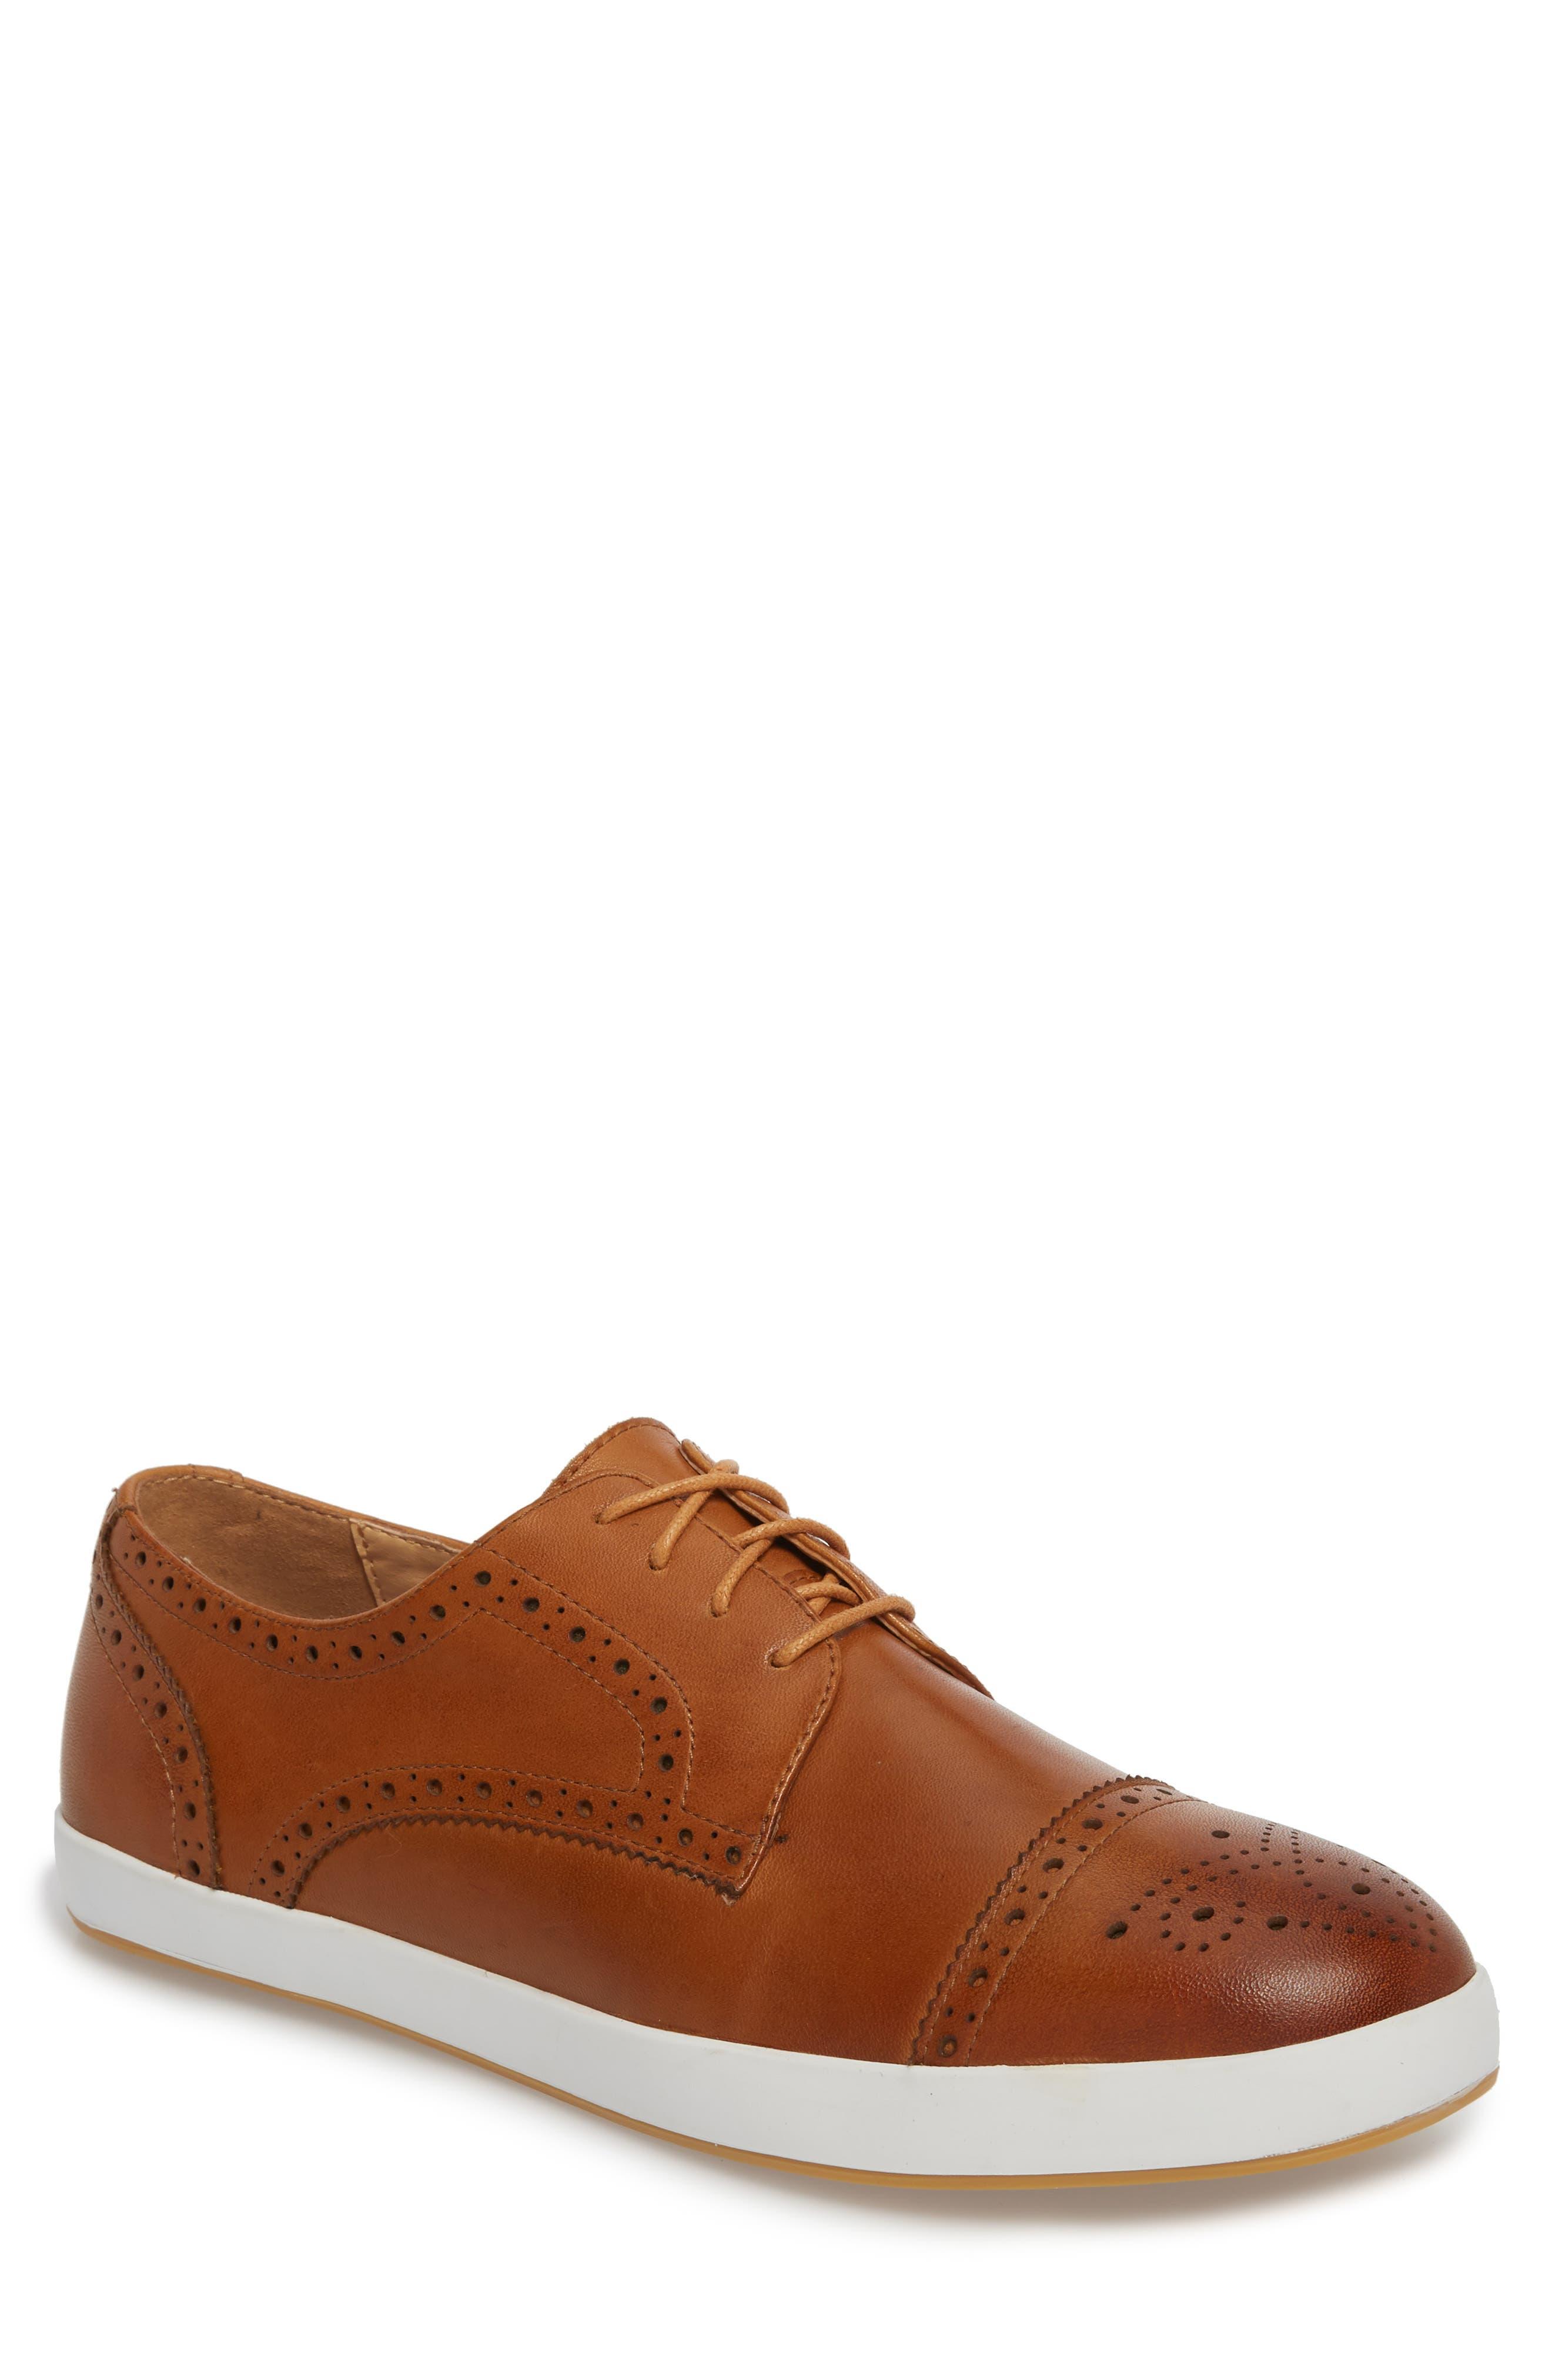 Dunnet Cap Toe Sneaker,                         Main,                         color, Cognac Leather